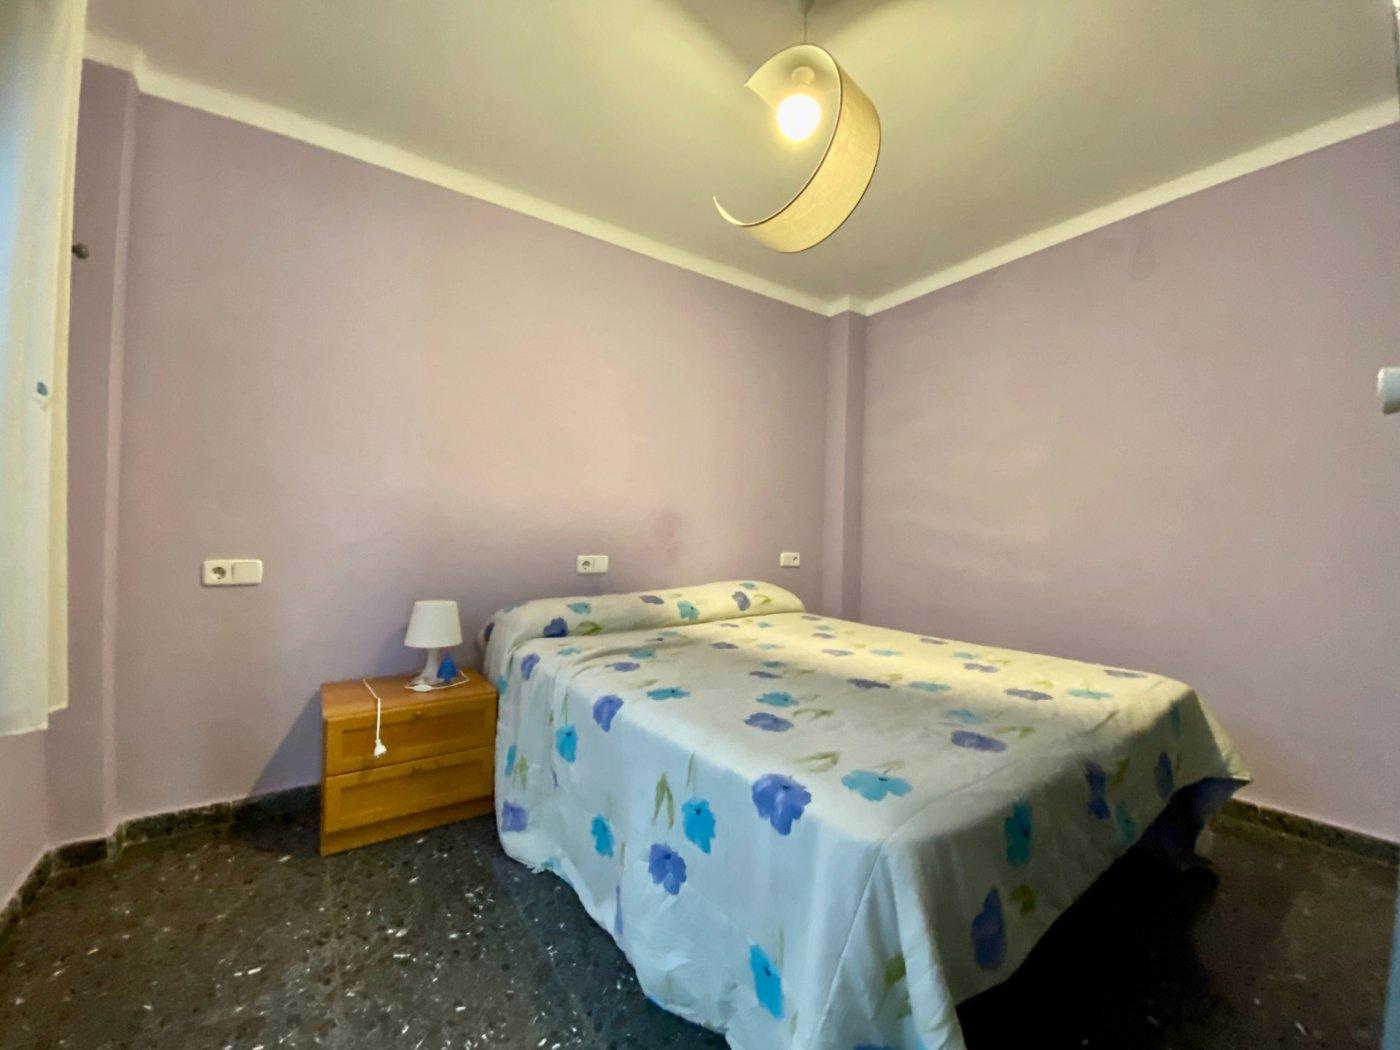 Espacioso piso a la venta en puerto pollensa - imagenInmueble13